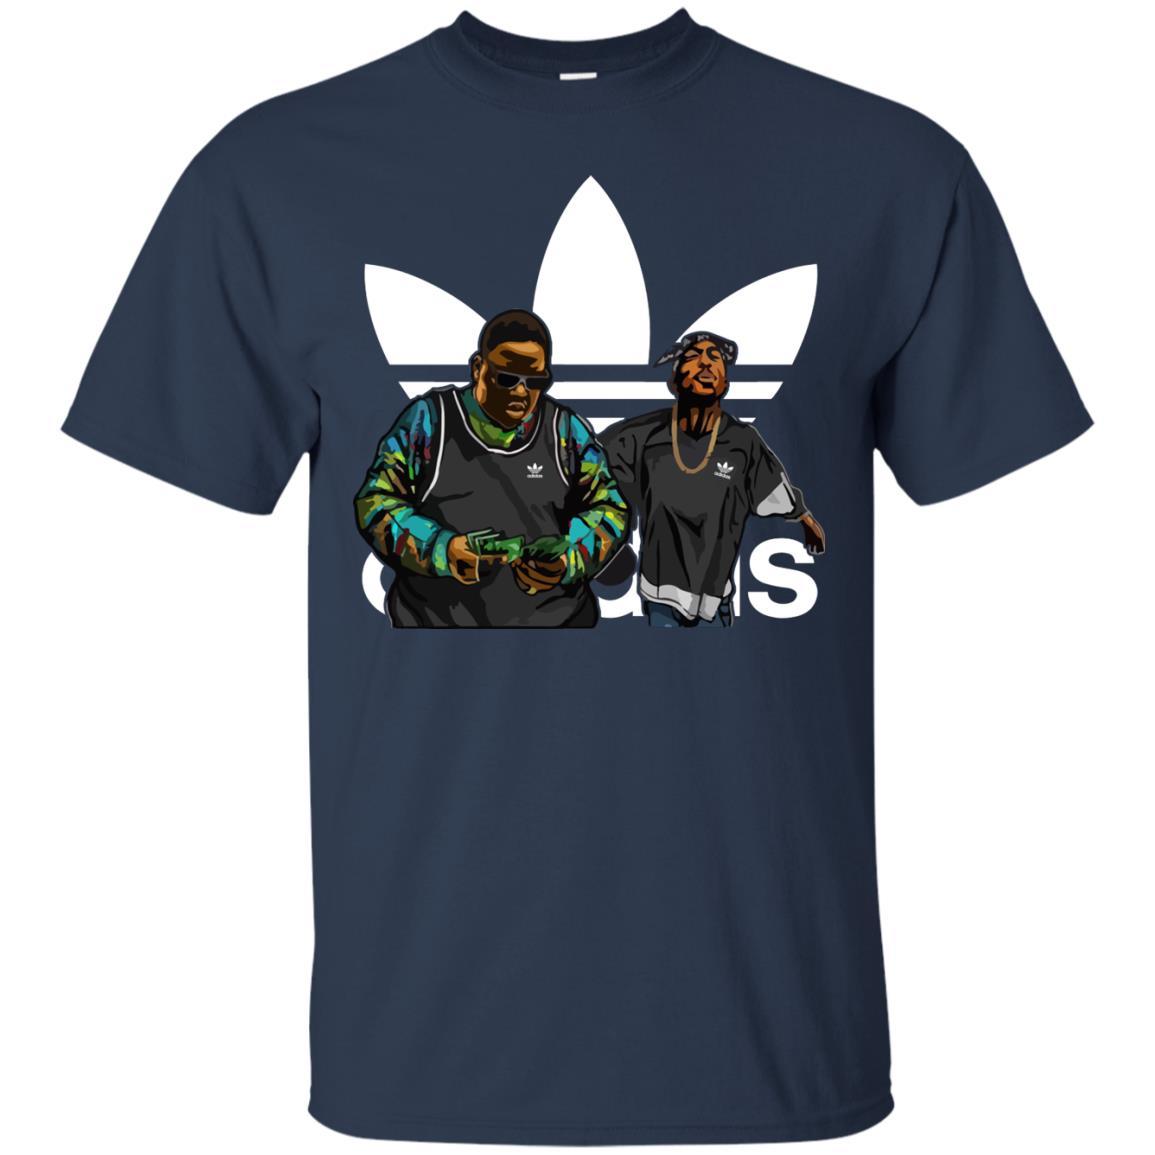 33f4aab59 Notorious B.I.G Tupac Shakur Adidas Shirt, Sweatshirt, Hoodie - Rockatee